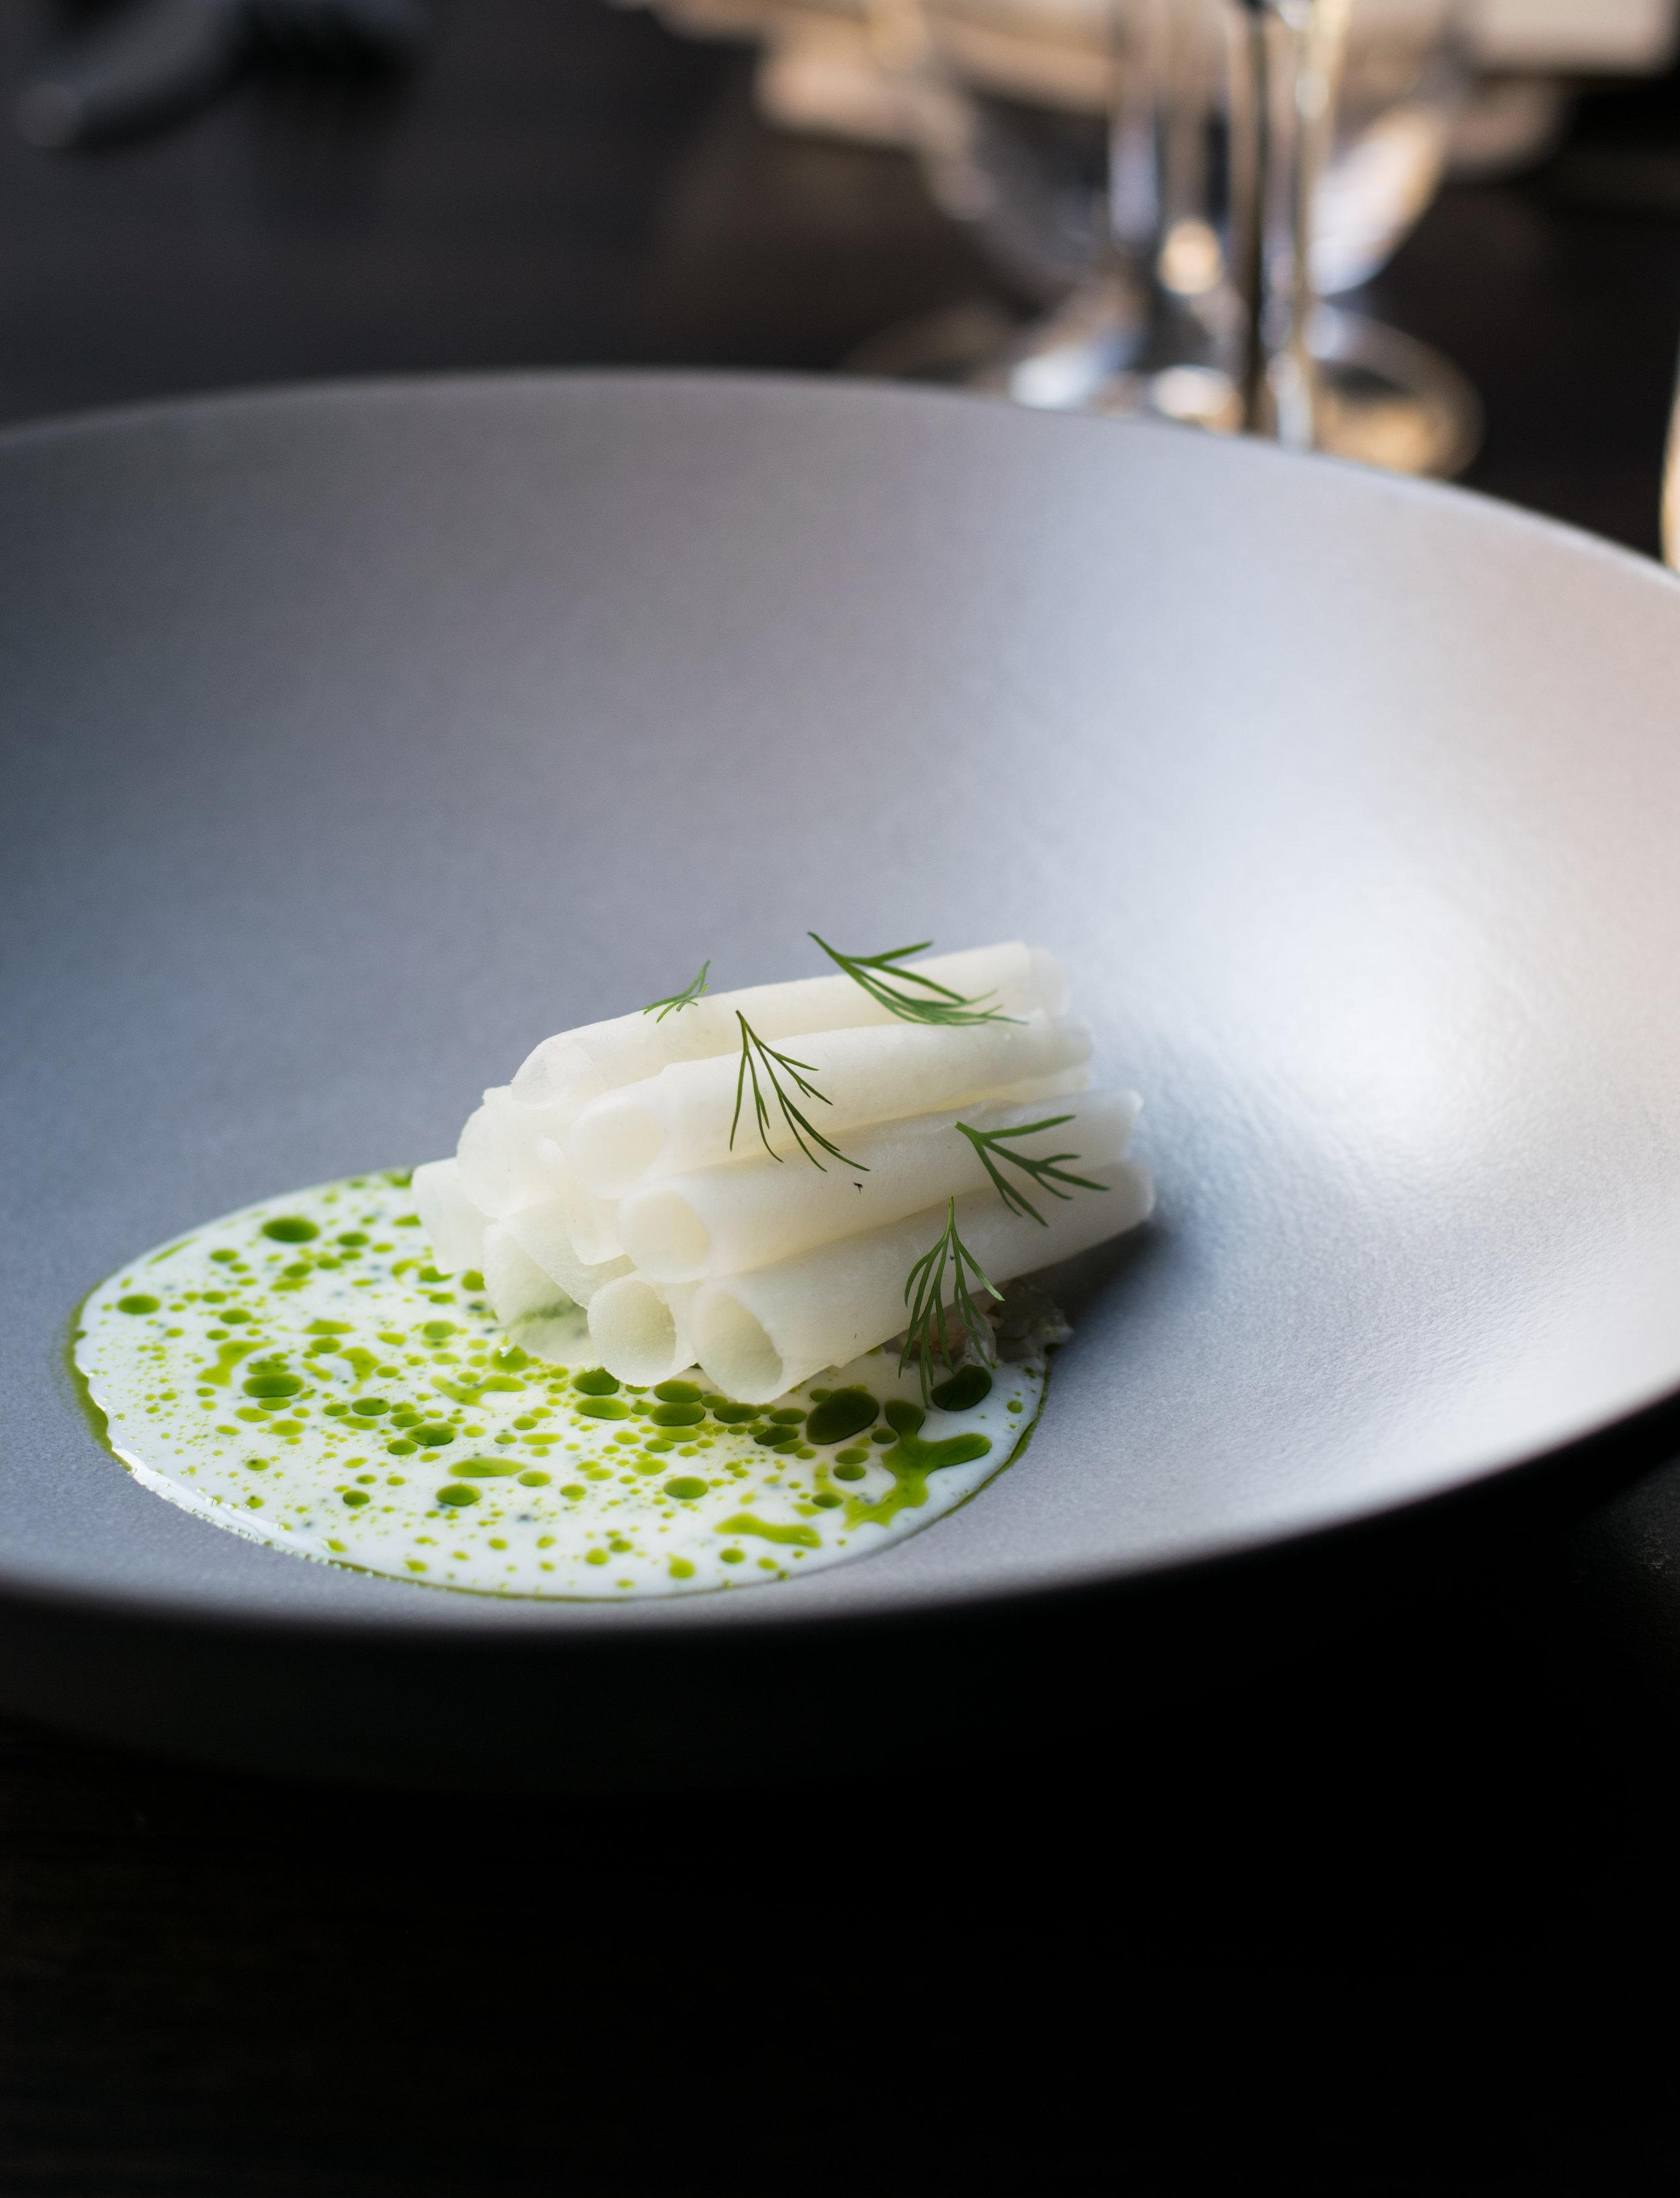 White fish 3.jpg